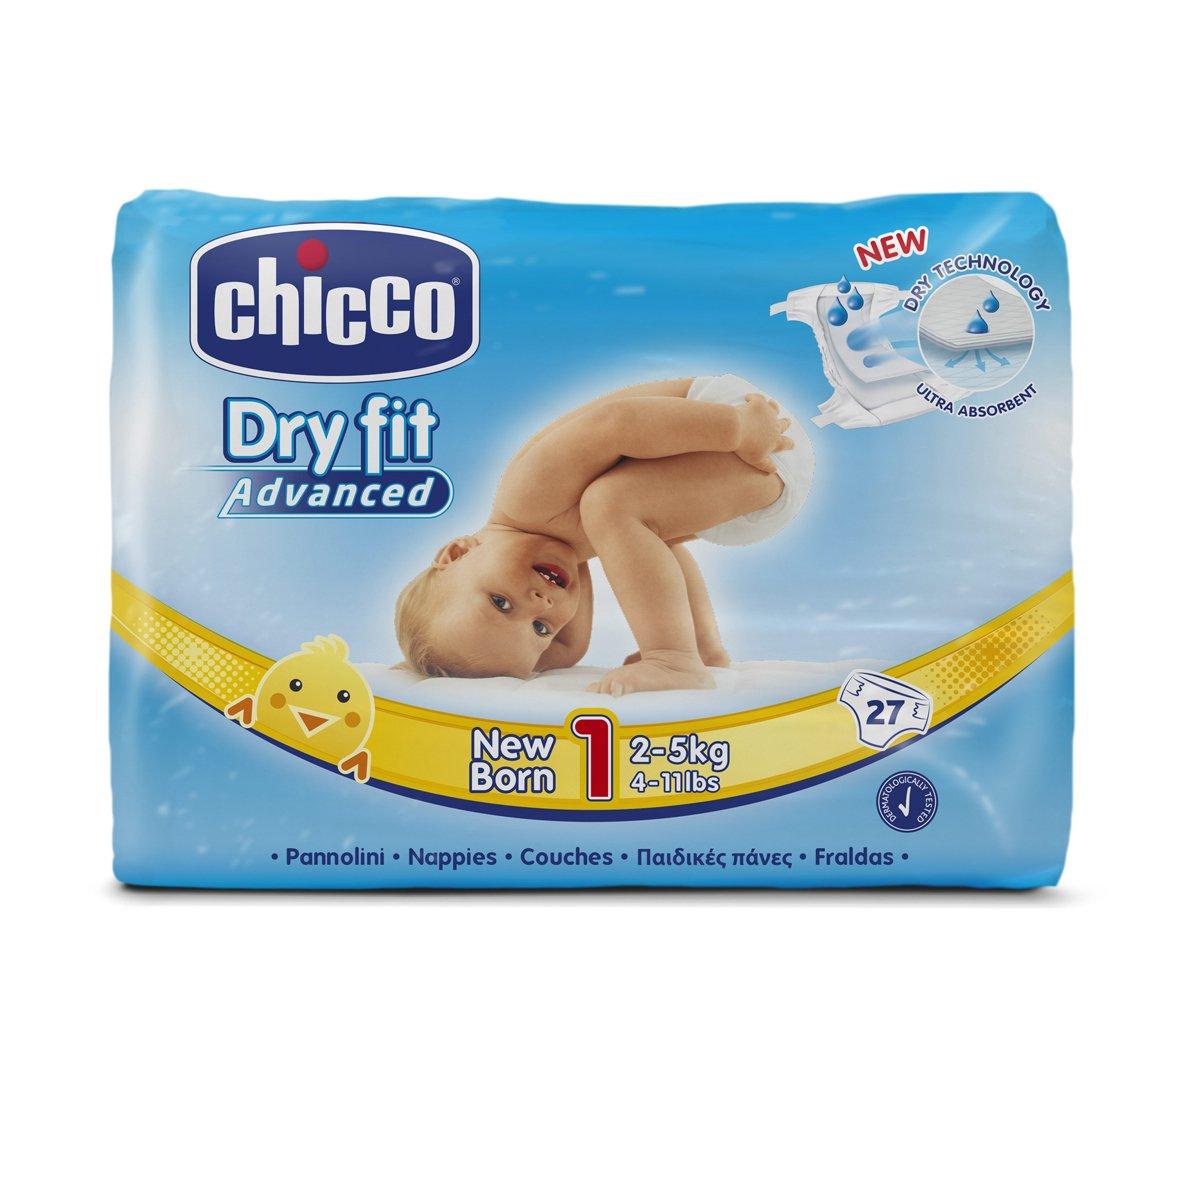 Chicco DryFit Pack de pañales ultra absorbentes para recién nacido talla